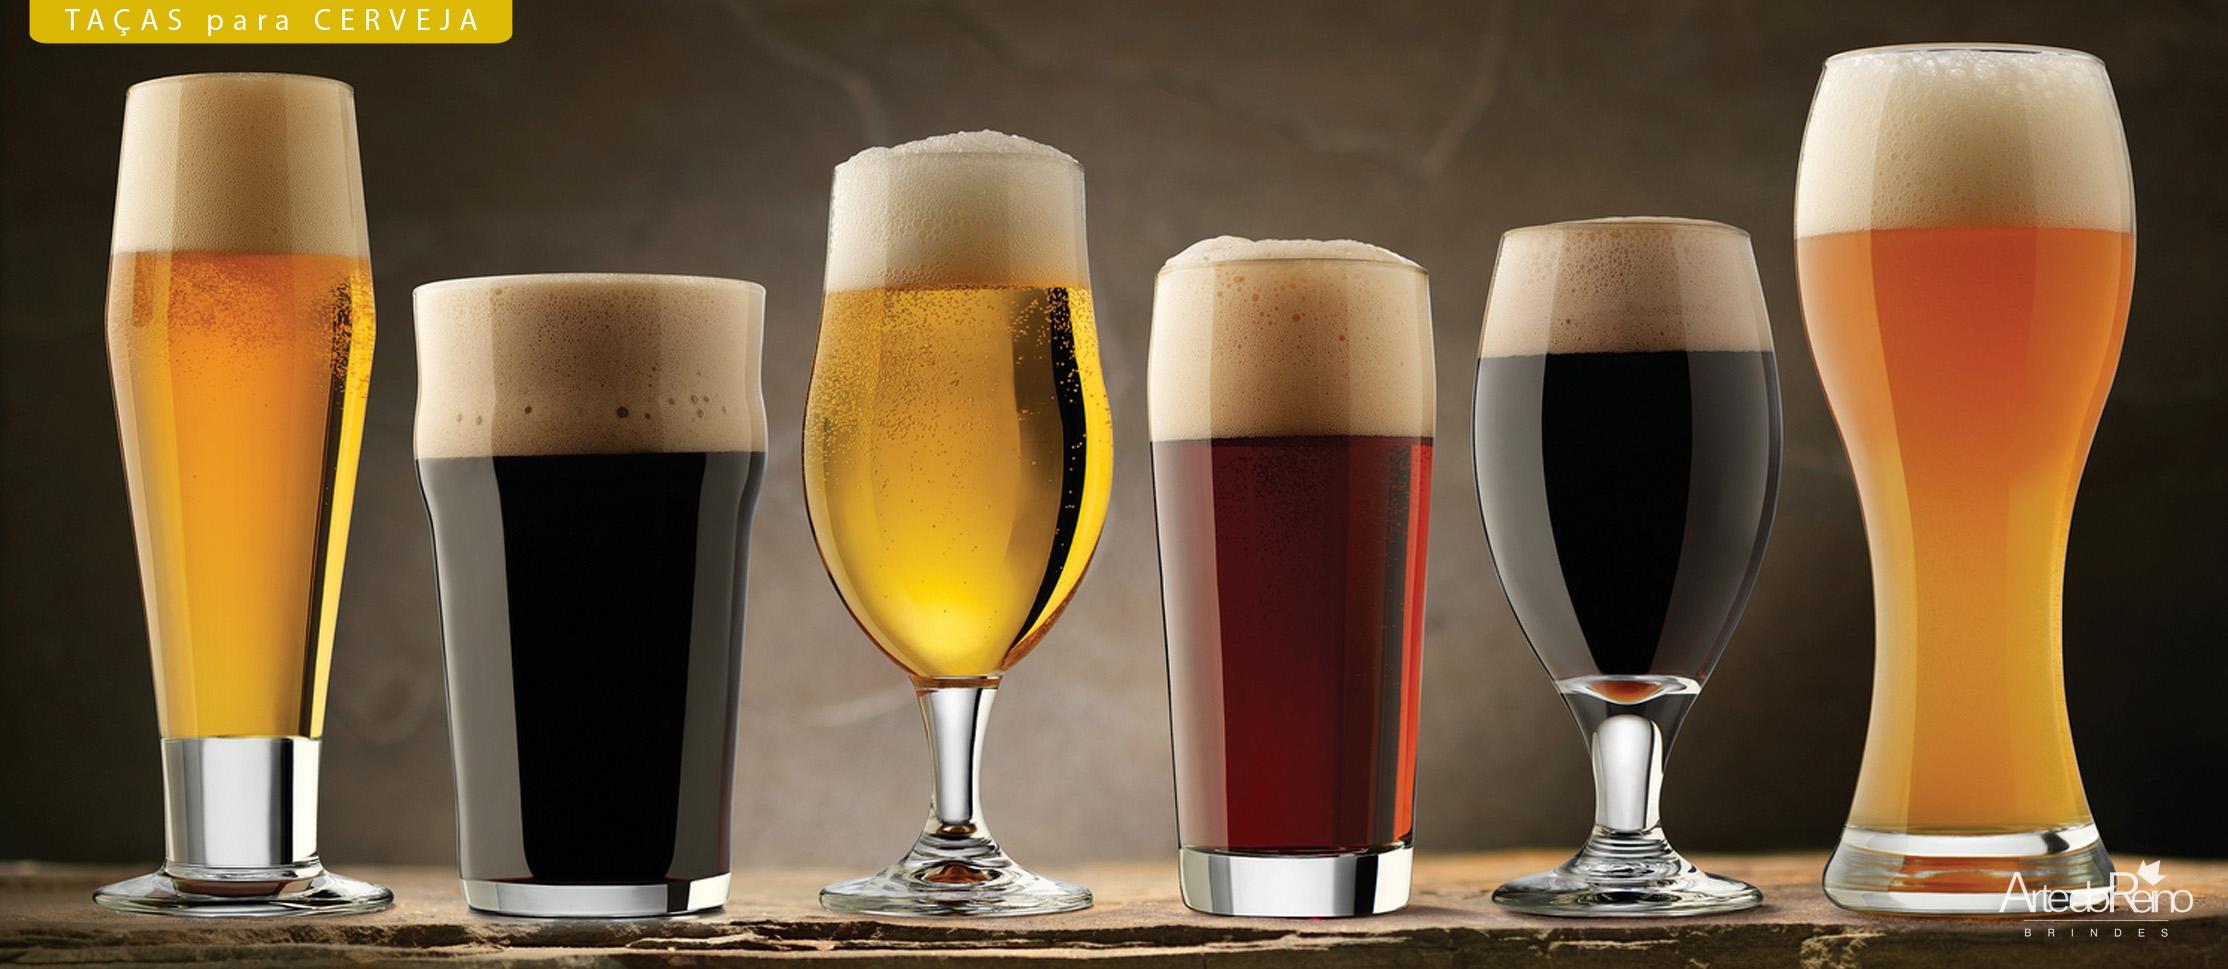 Taças para Cerveja/Chopp